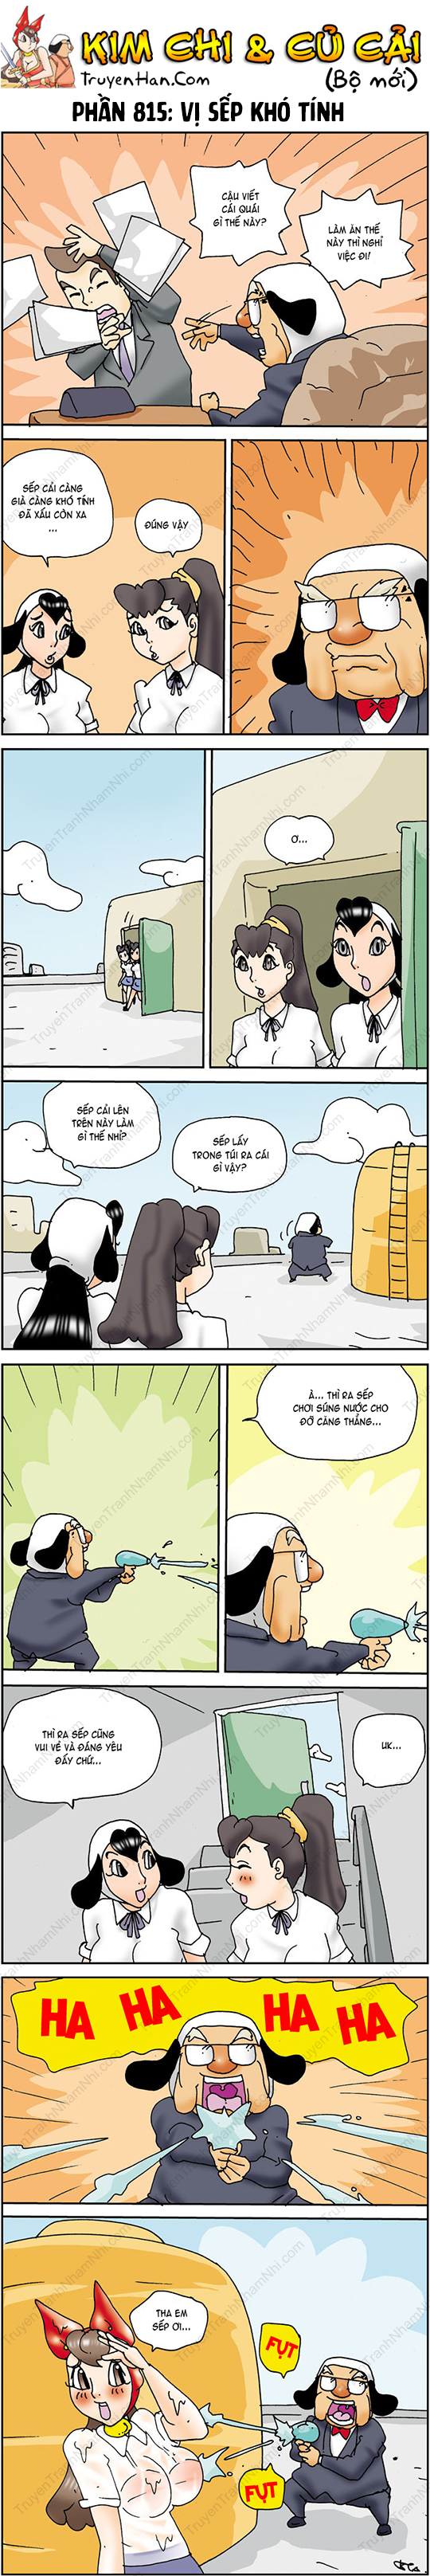 Kim Chi & Củ Cải (bộ mới) phần 815: Vị sếp khó tính